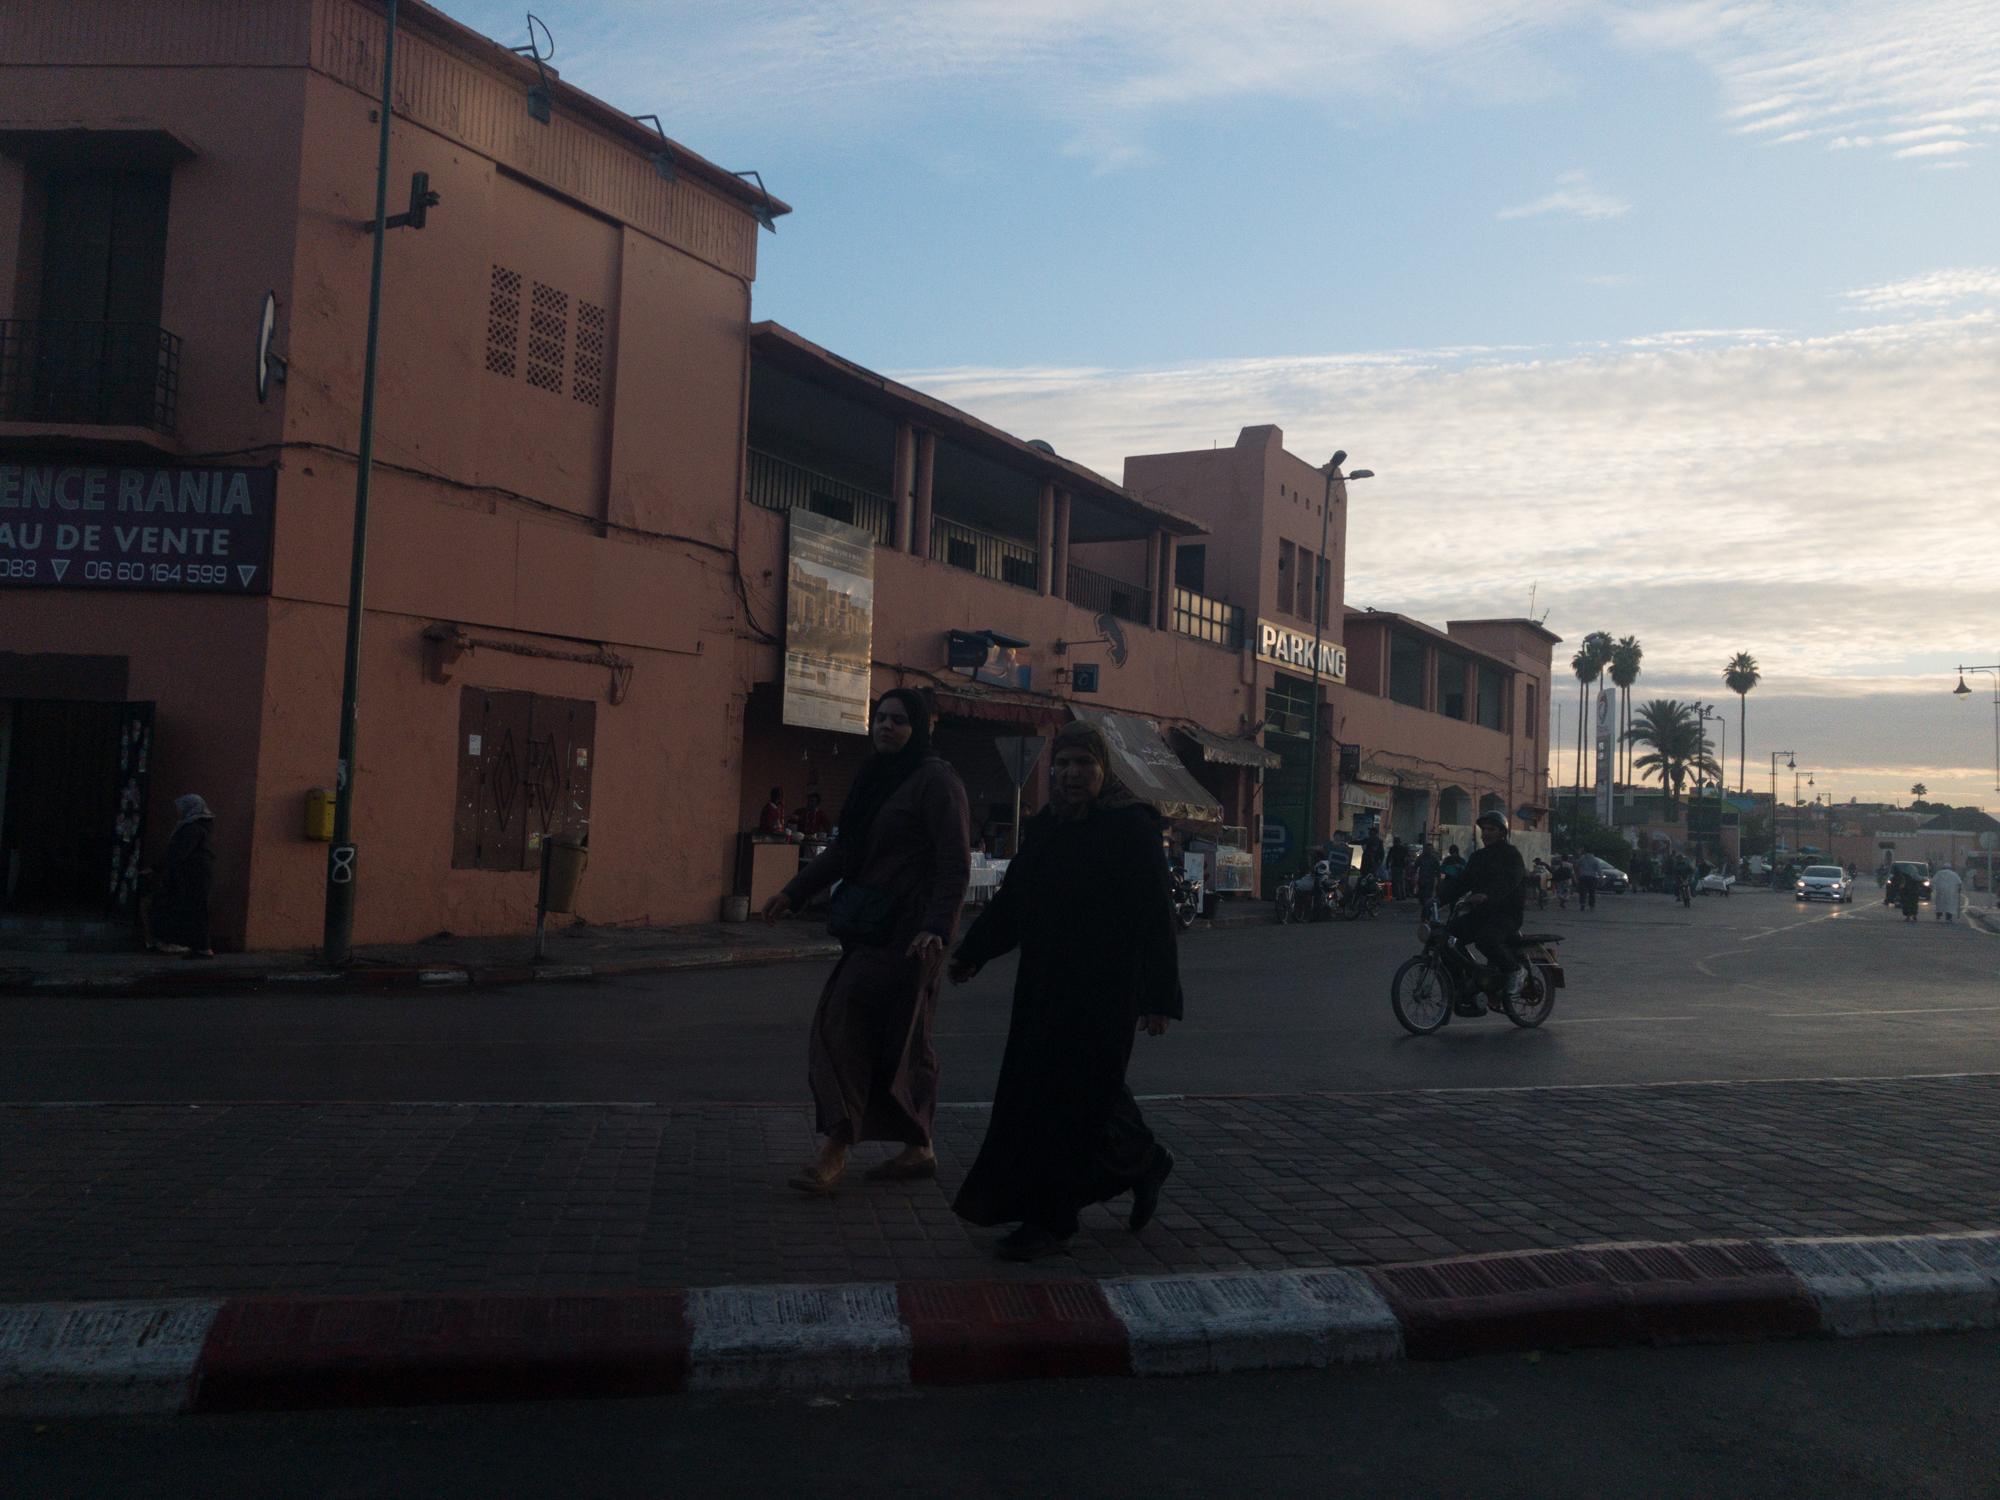 Marrakech_iPhone8+_Photos - Blog_Photos-37.jpg